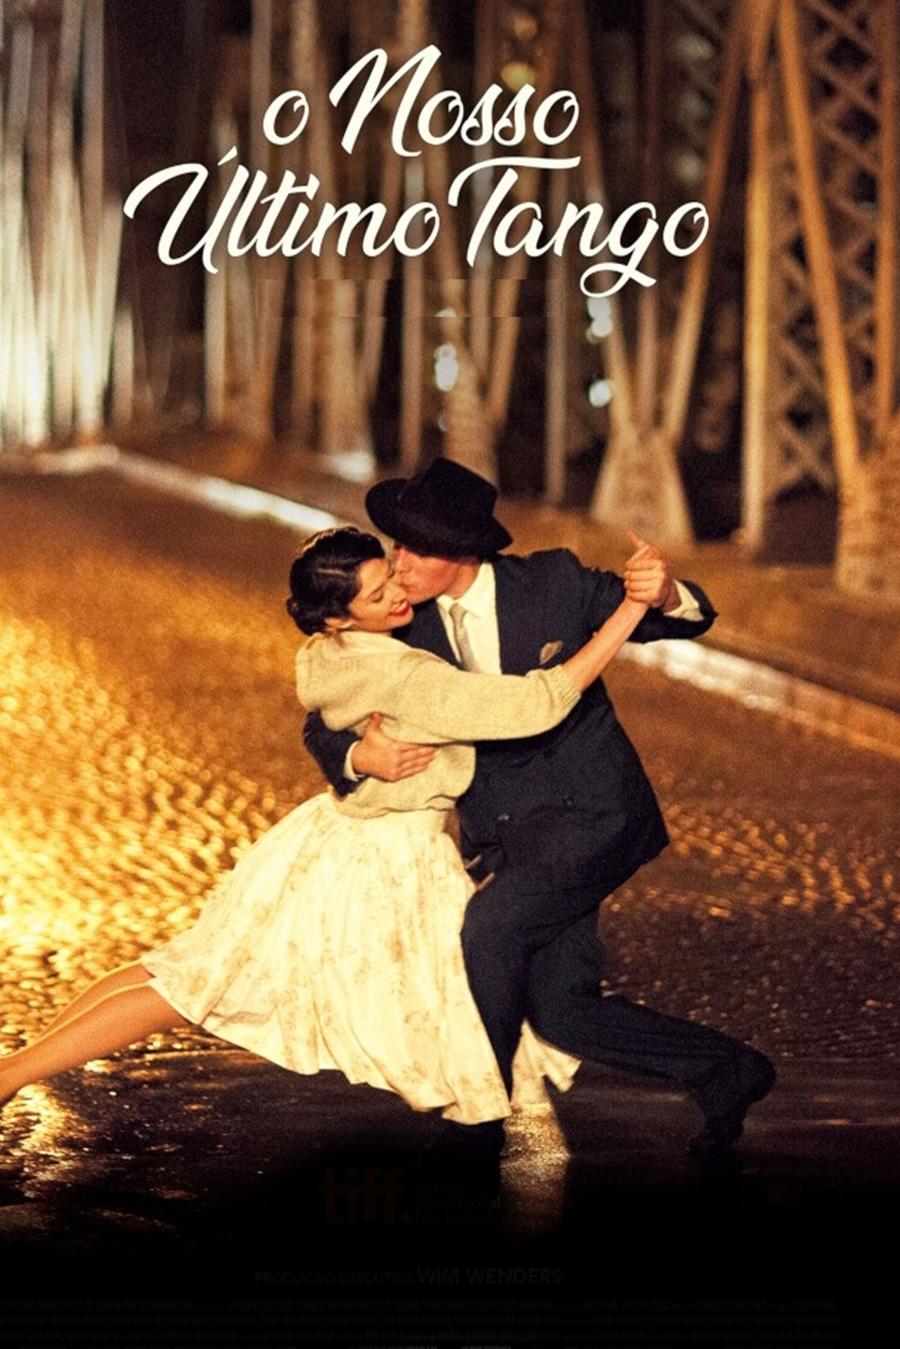 O Nosso Último Tango